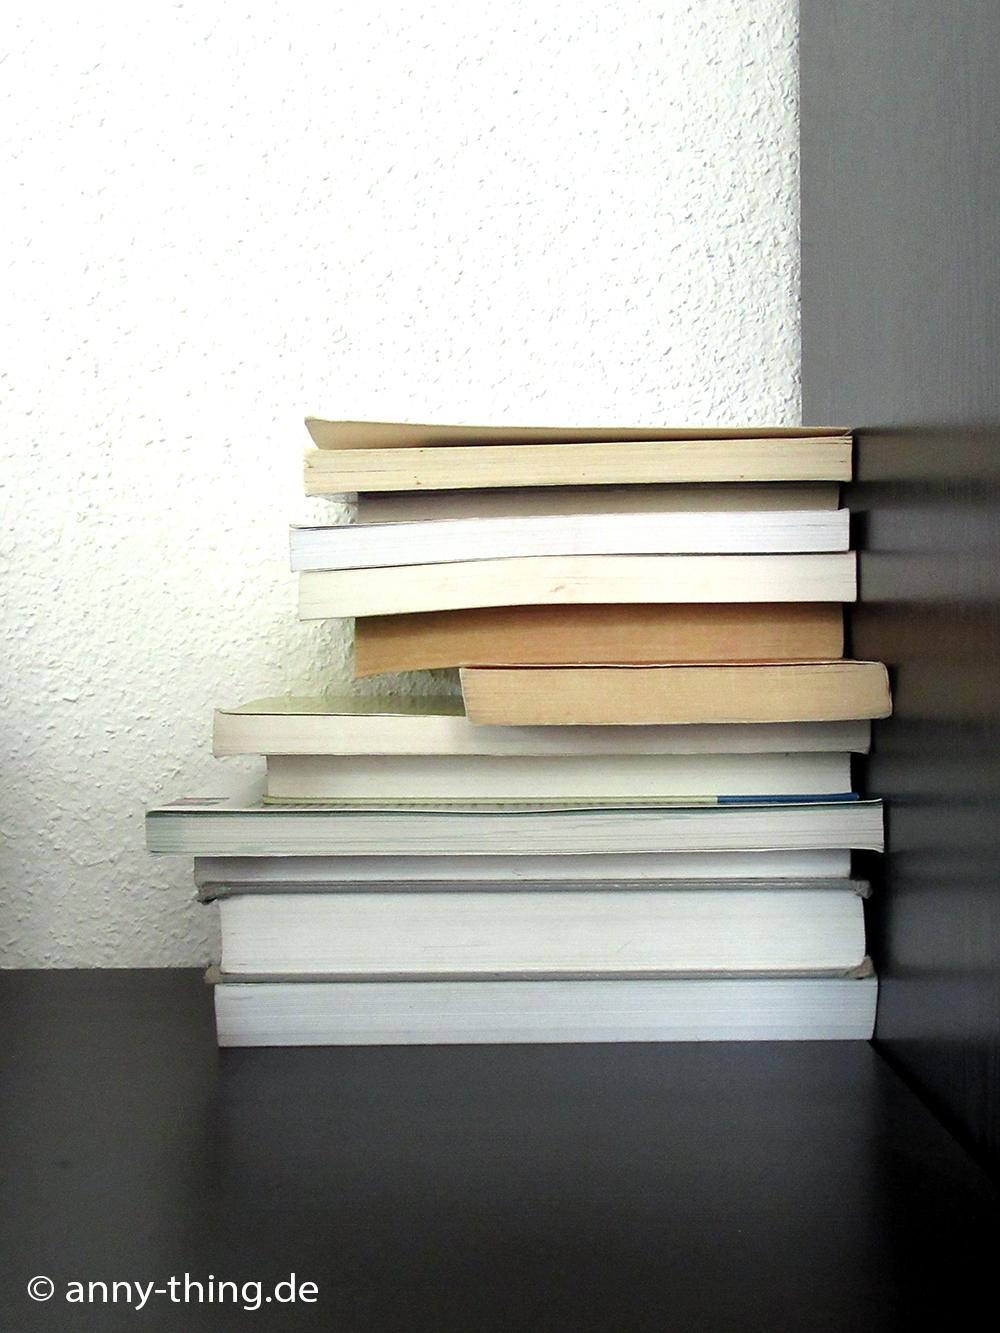 Bücher Abschlussarbeit